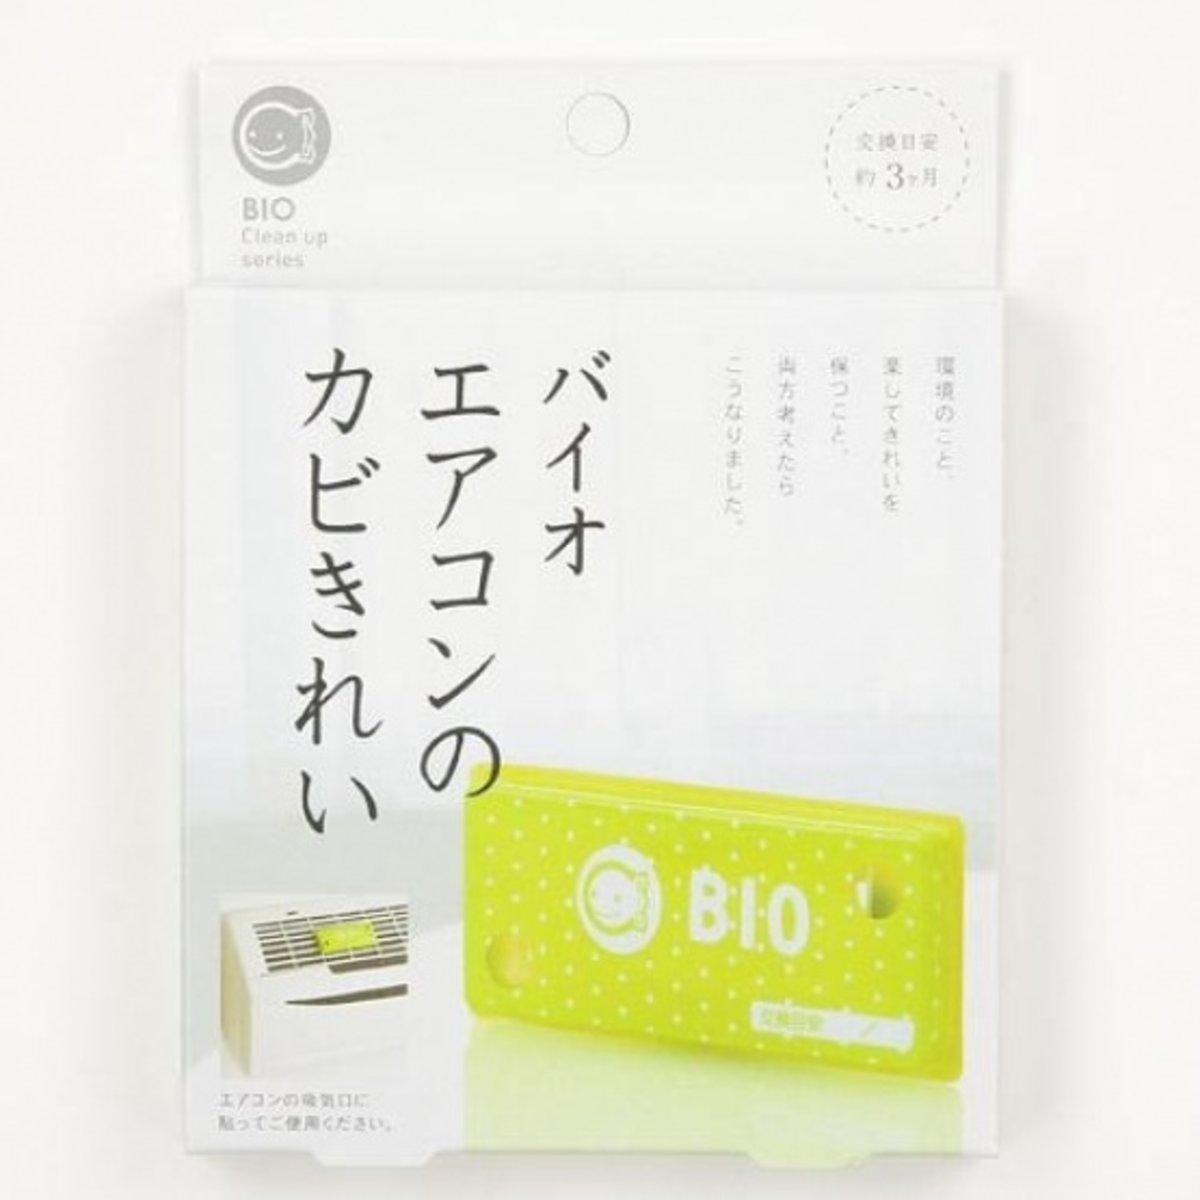 Bio Anti-Mold Box (For Air-Con)